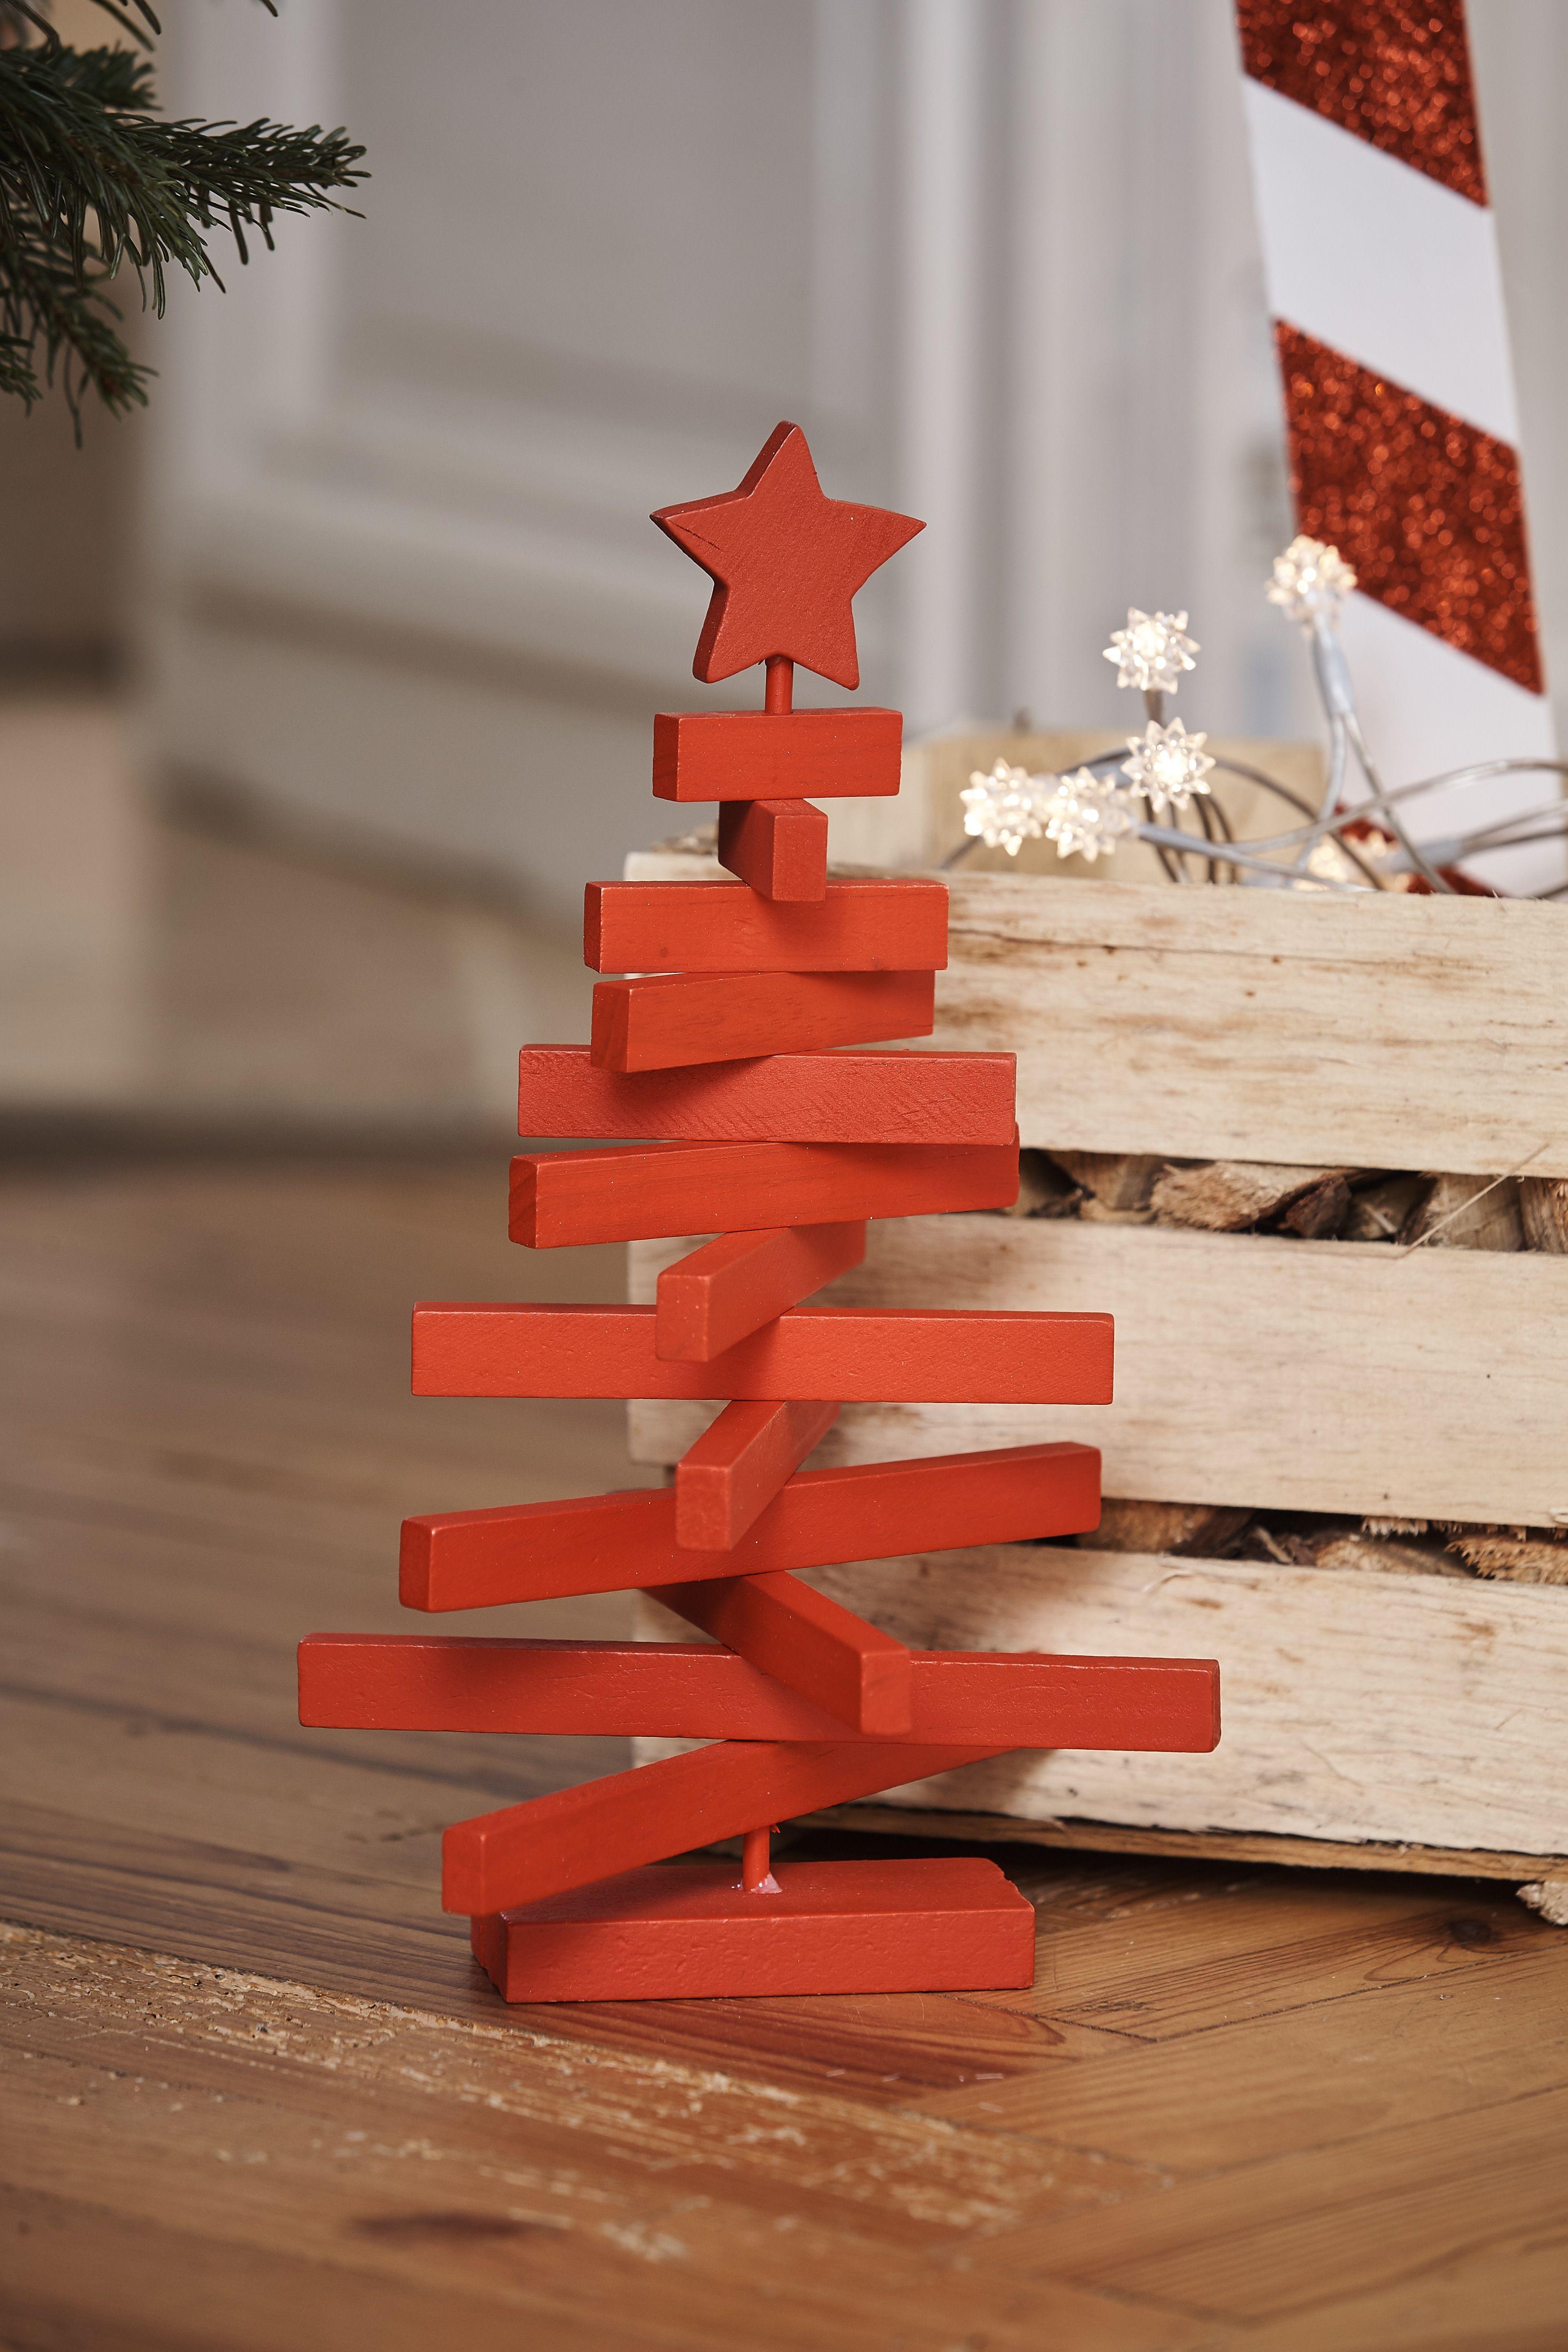 Decoration De Noel Decoration Noel Decorations De Noel 2018 Noel